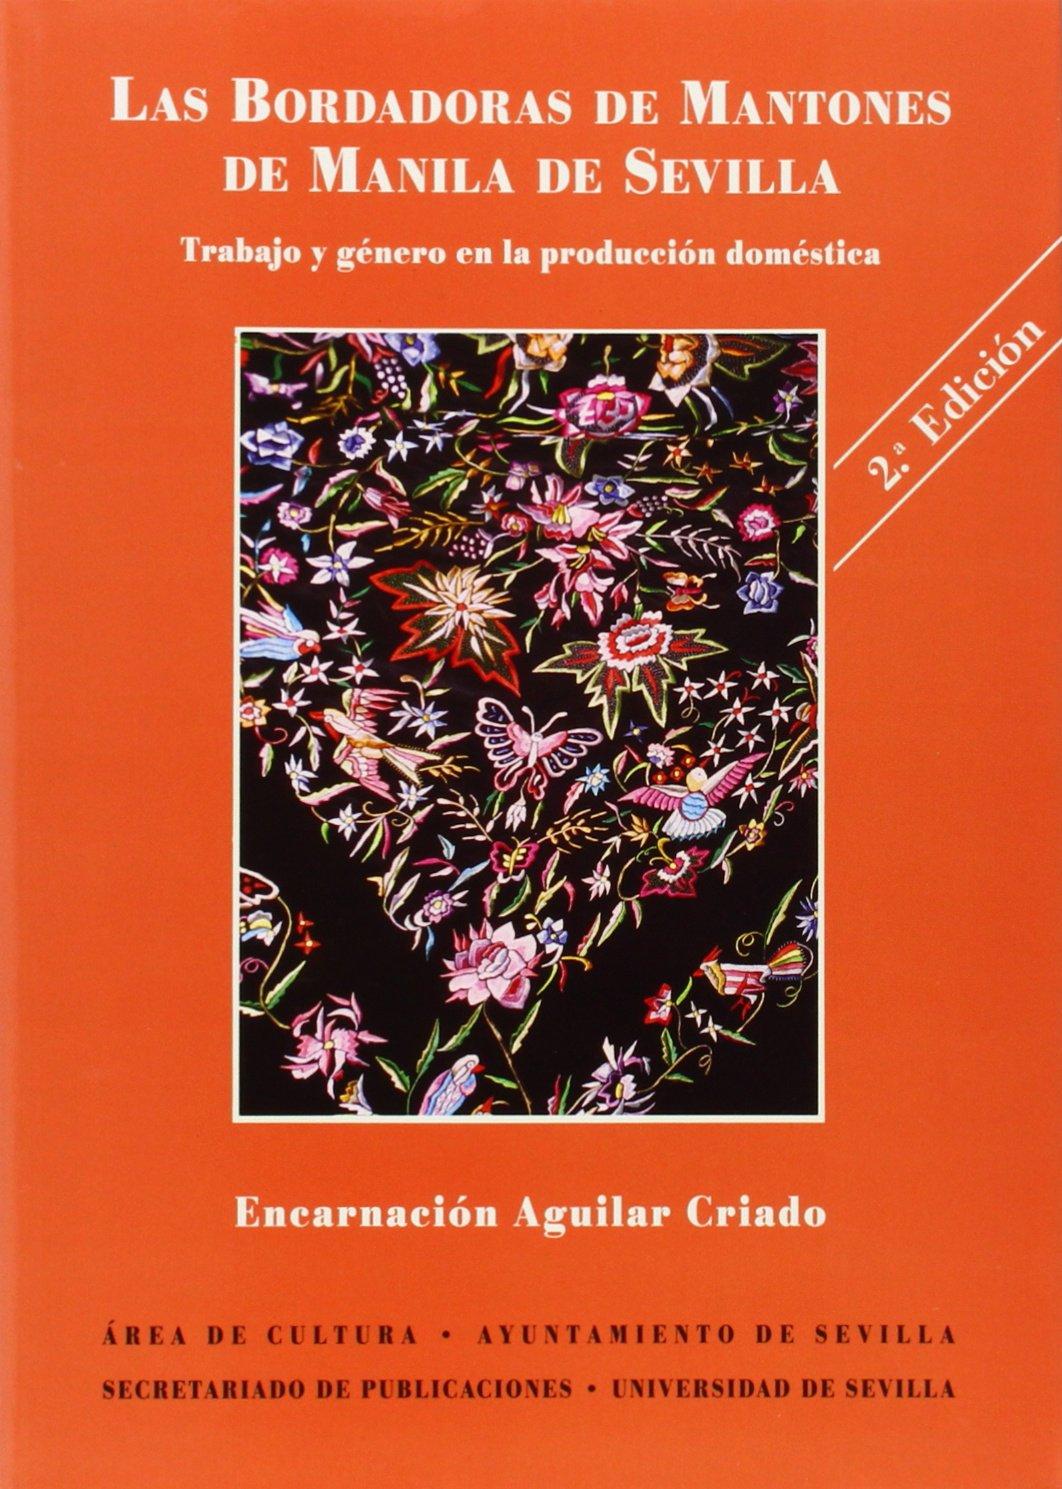 Las bordadoras de mantones de Manila de Sevilla: Amazon.es: E. Aguilar Criado: Libros